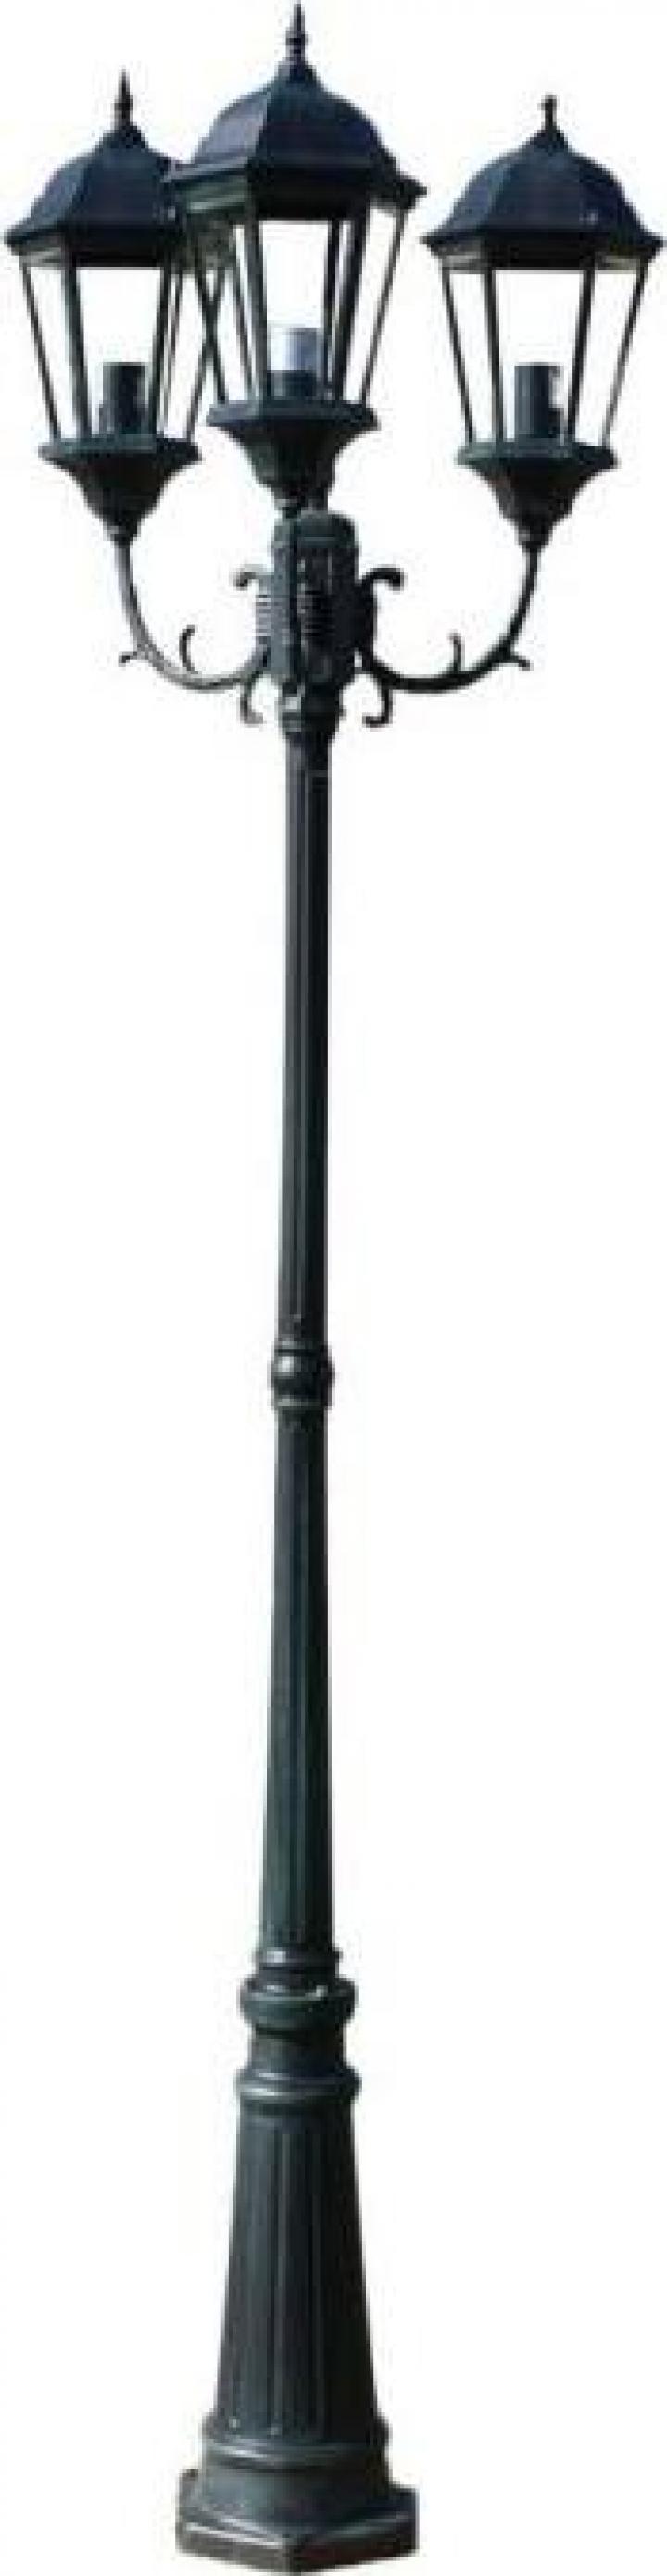 Felinar cu 3 brate 230 cm Brighton verde inchis/negru